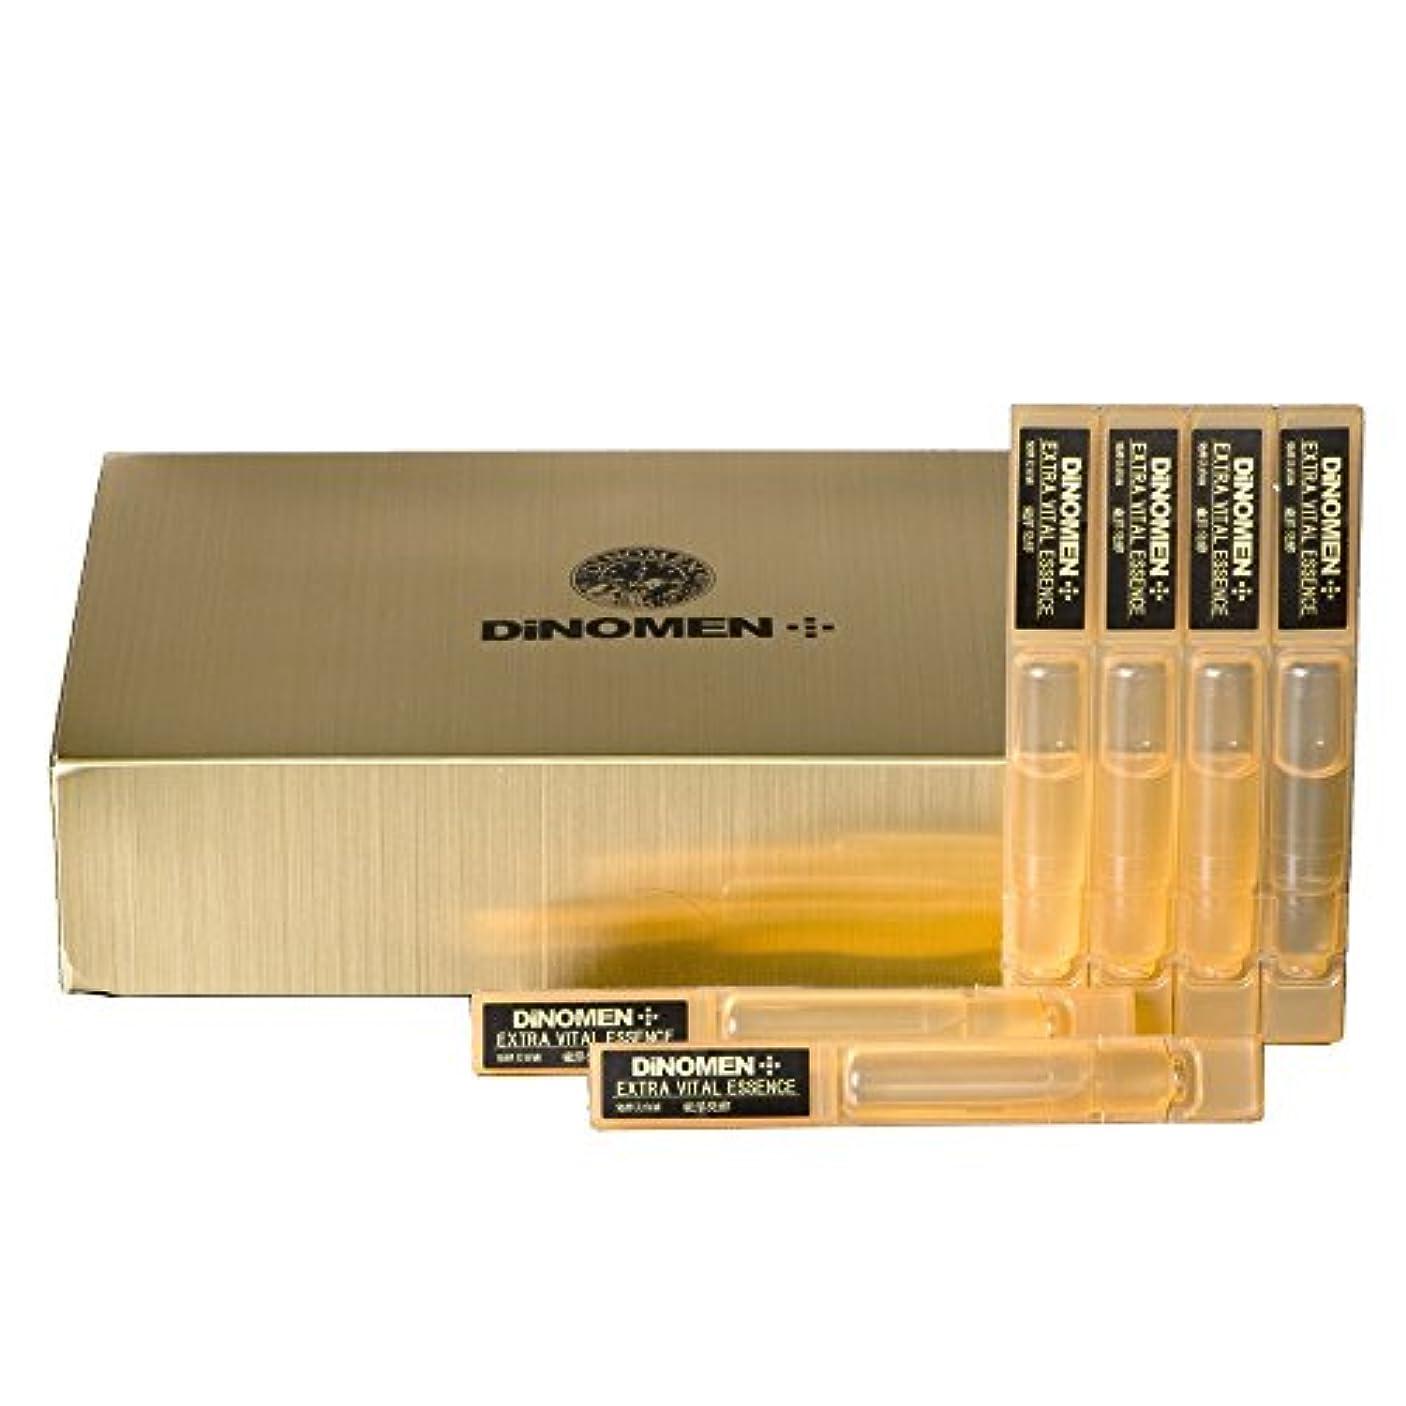 ペグ分布山岳DiNOMEN エクストラバイタルエッセンス 発酵美容液 30本入 男性化粧品